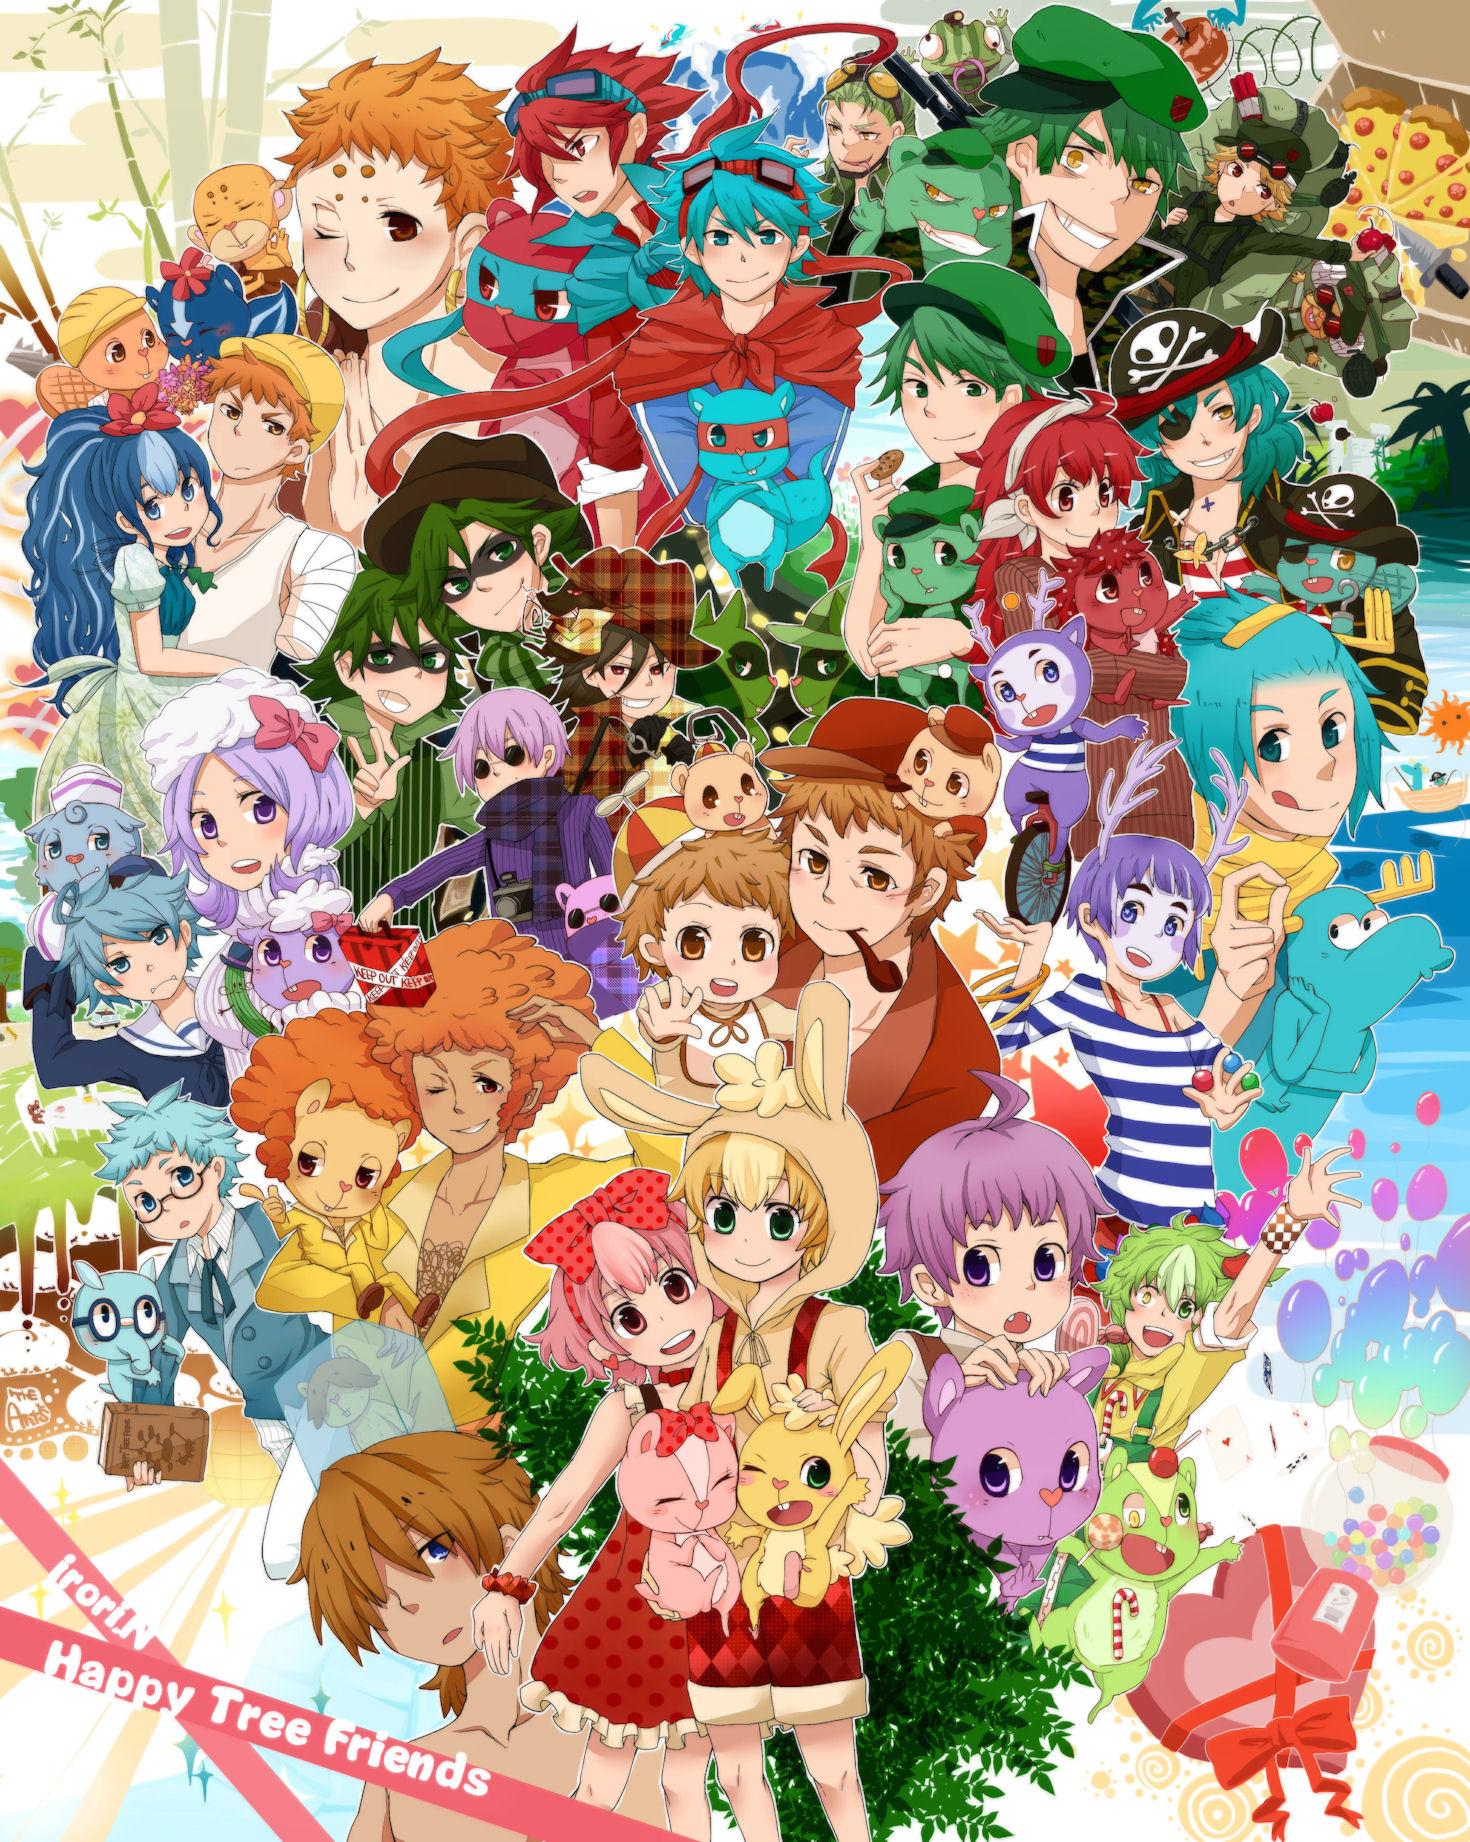 http://s2.zerochan.net/Happy.Tree.Friends.full.479920.jpg